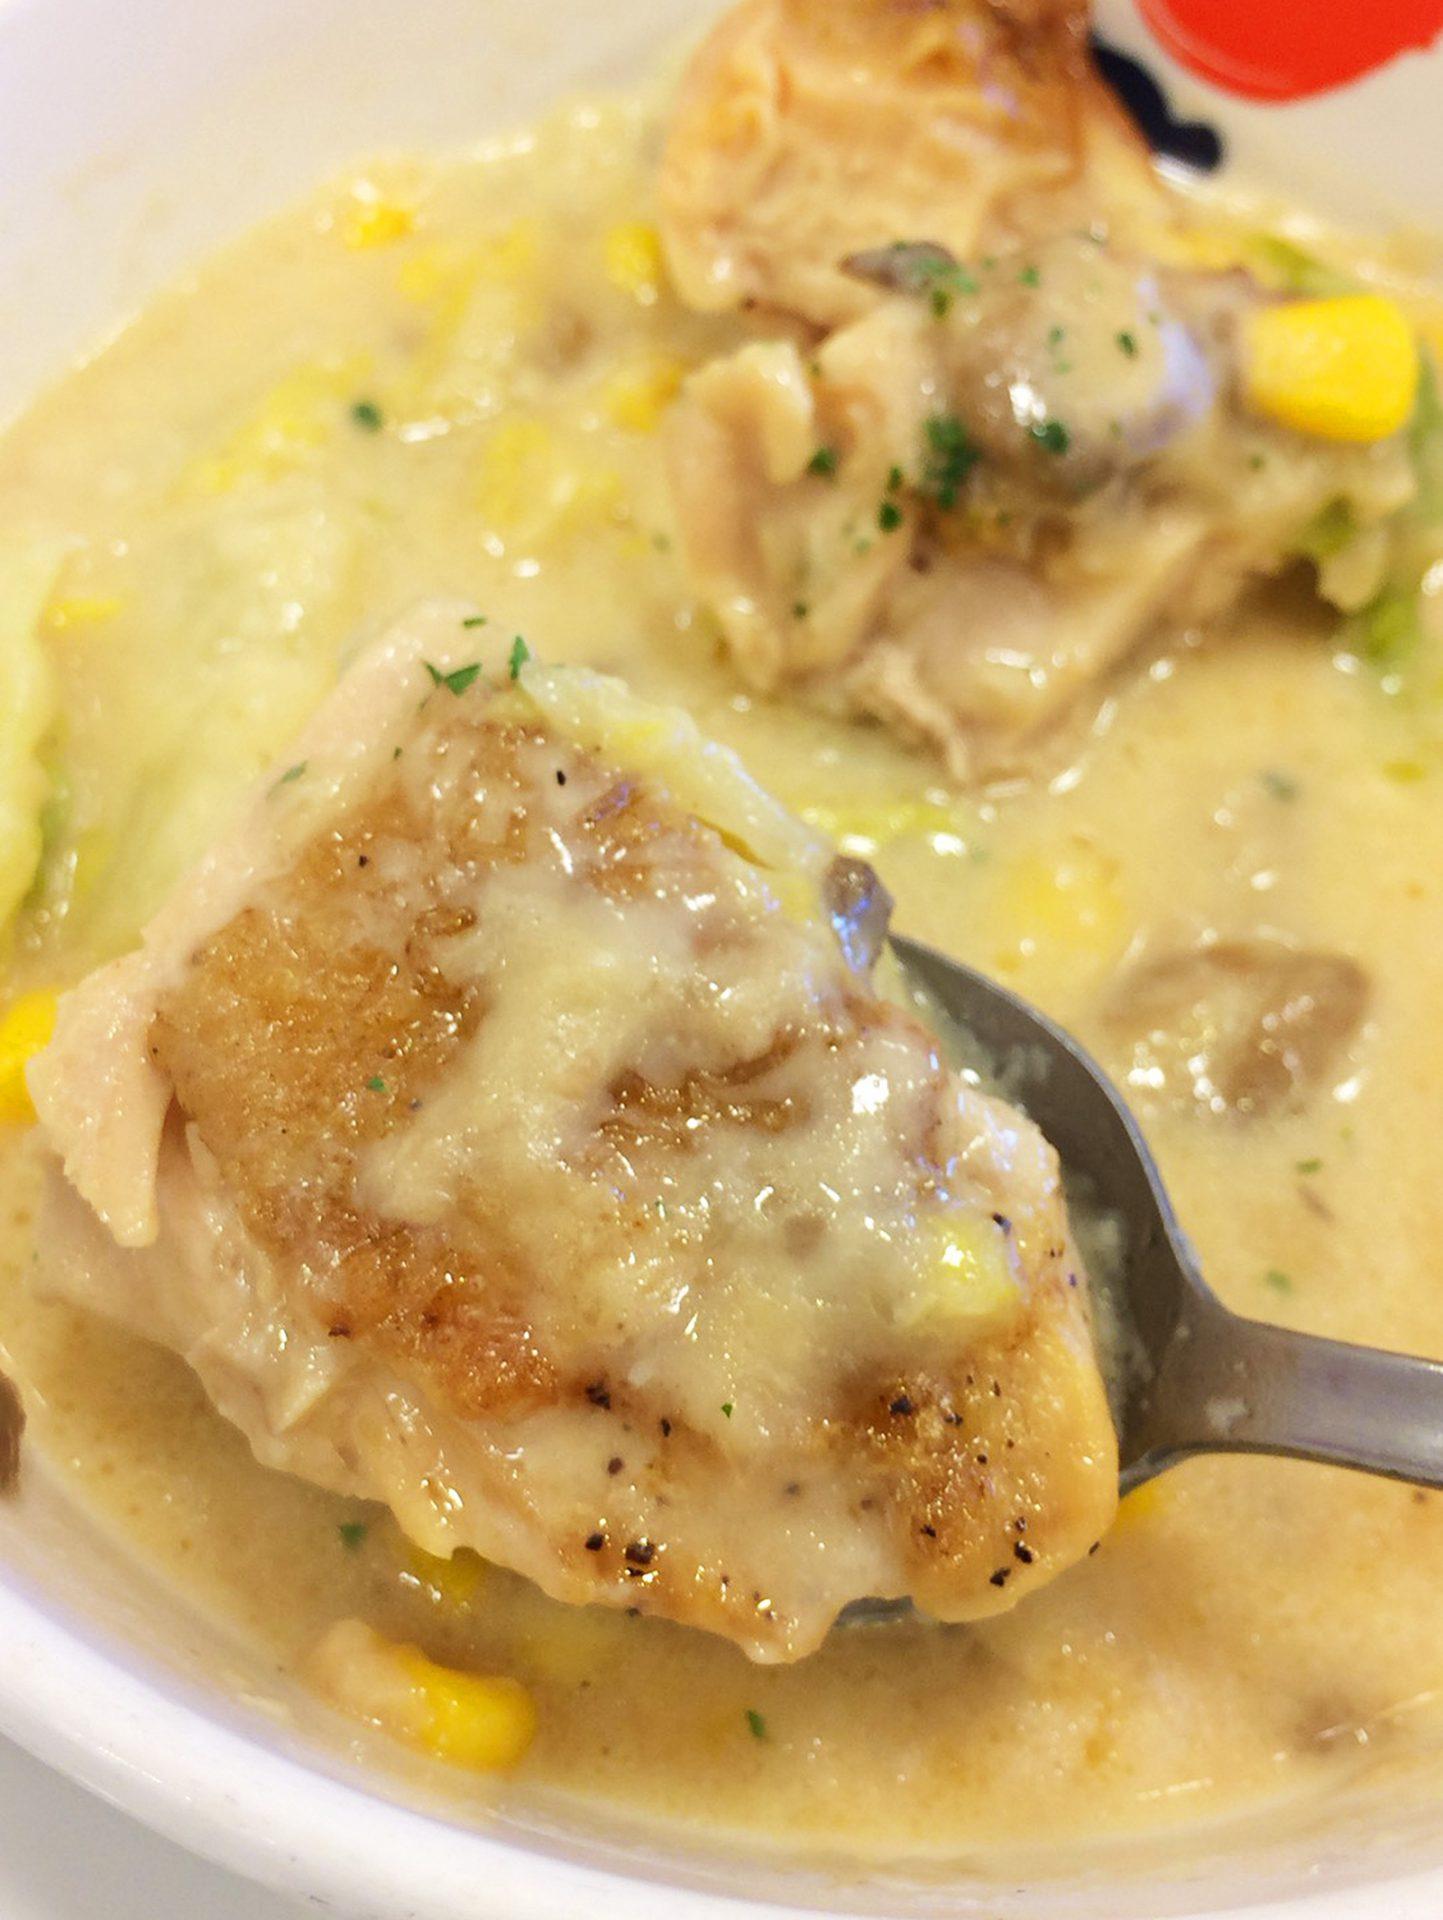 松屋の鶏と白菜のクリームシチュー定食